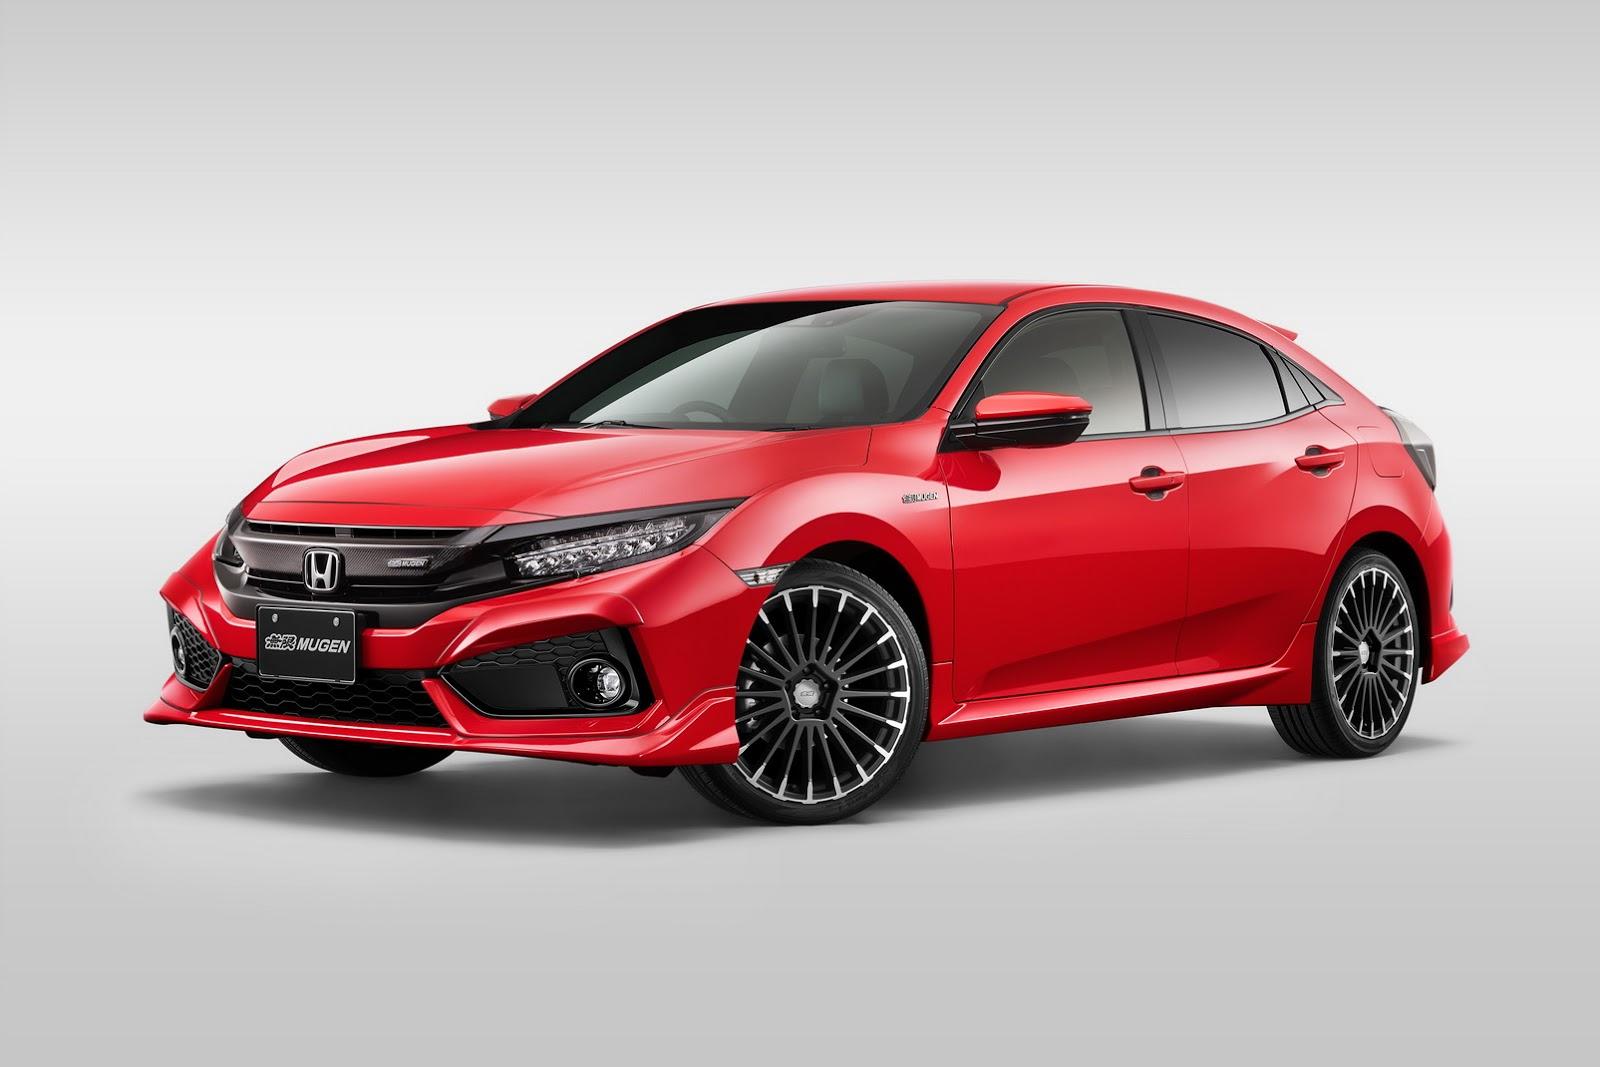 Honda_Civic_by_Mugen_0005